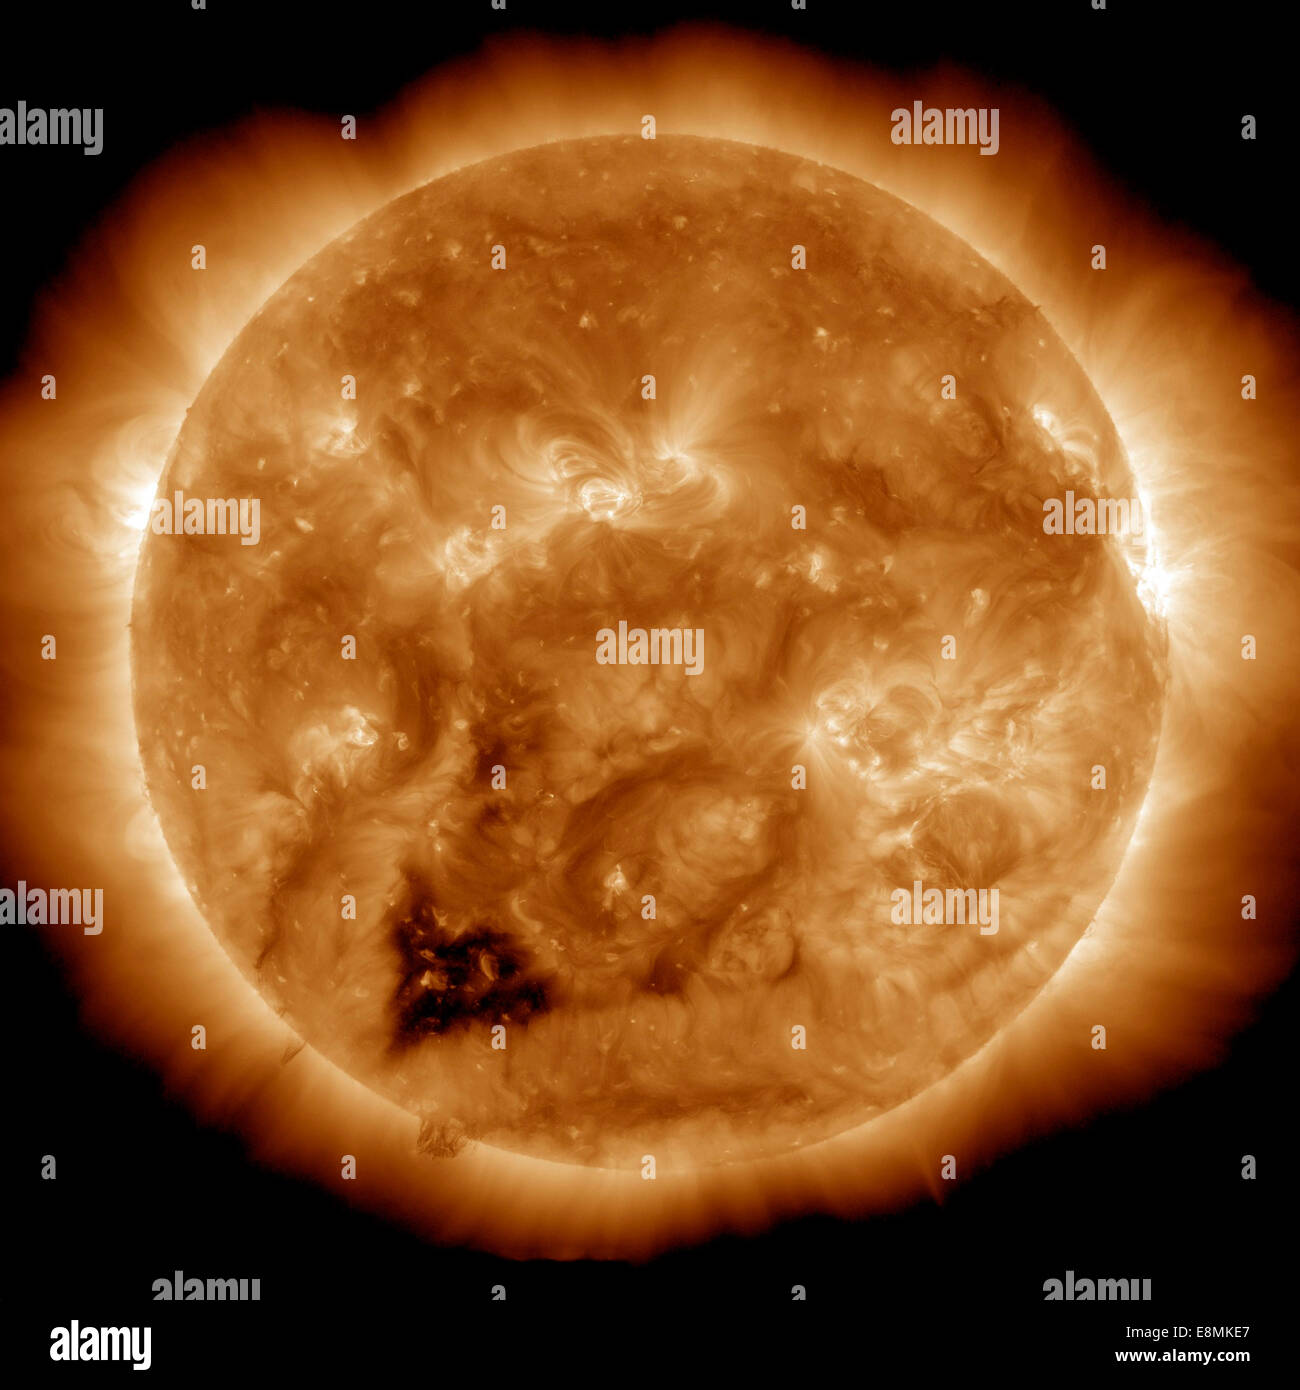 20 janvier 2013 - Image du Soleil dans l'extrême ultraviolet capture un sombre en forme de cœur trou coronal. Photo Stock